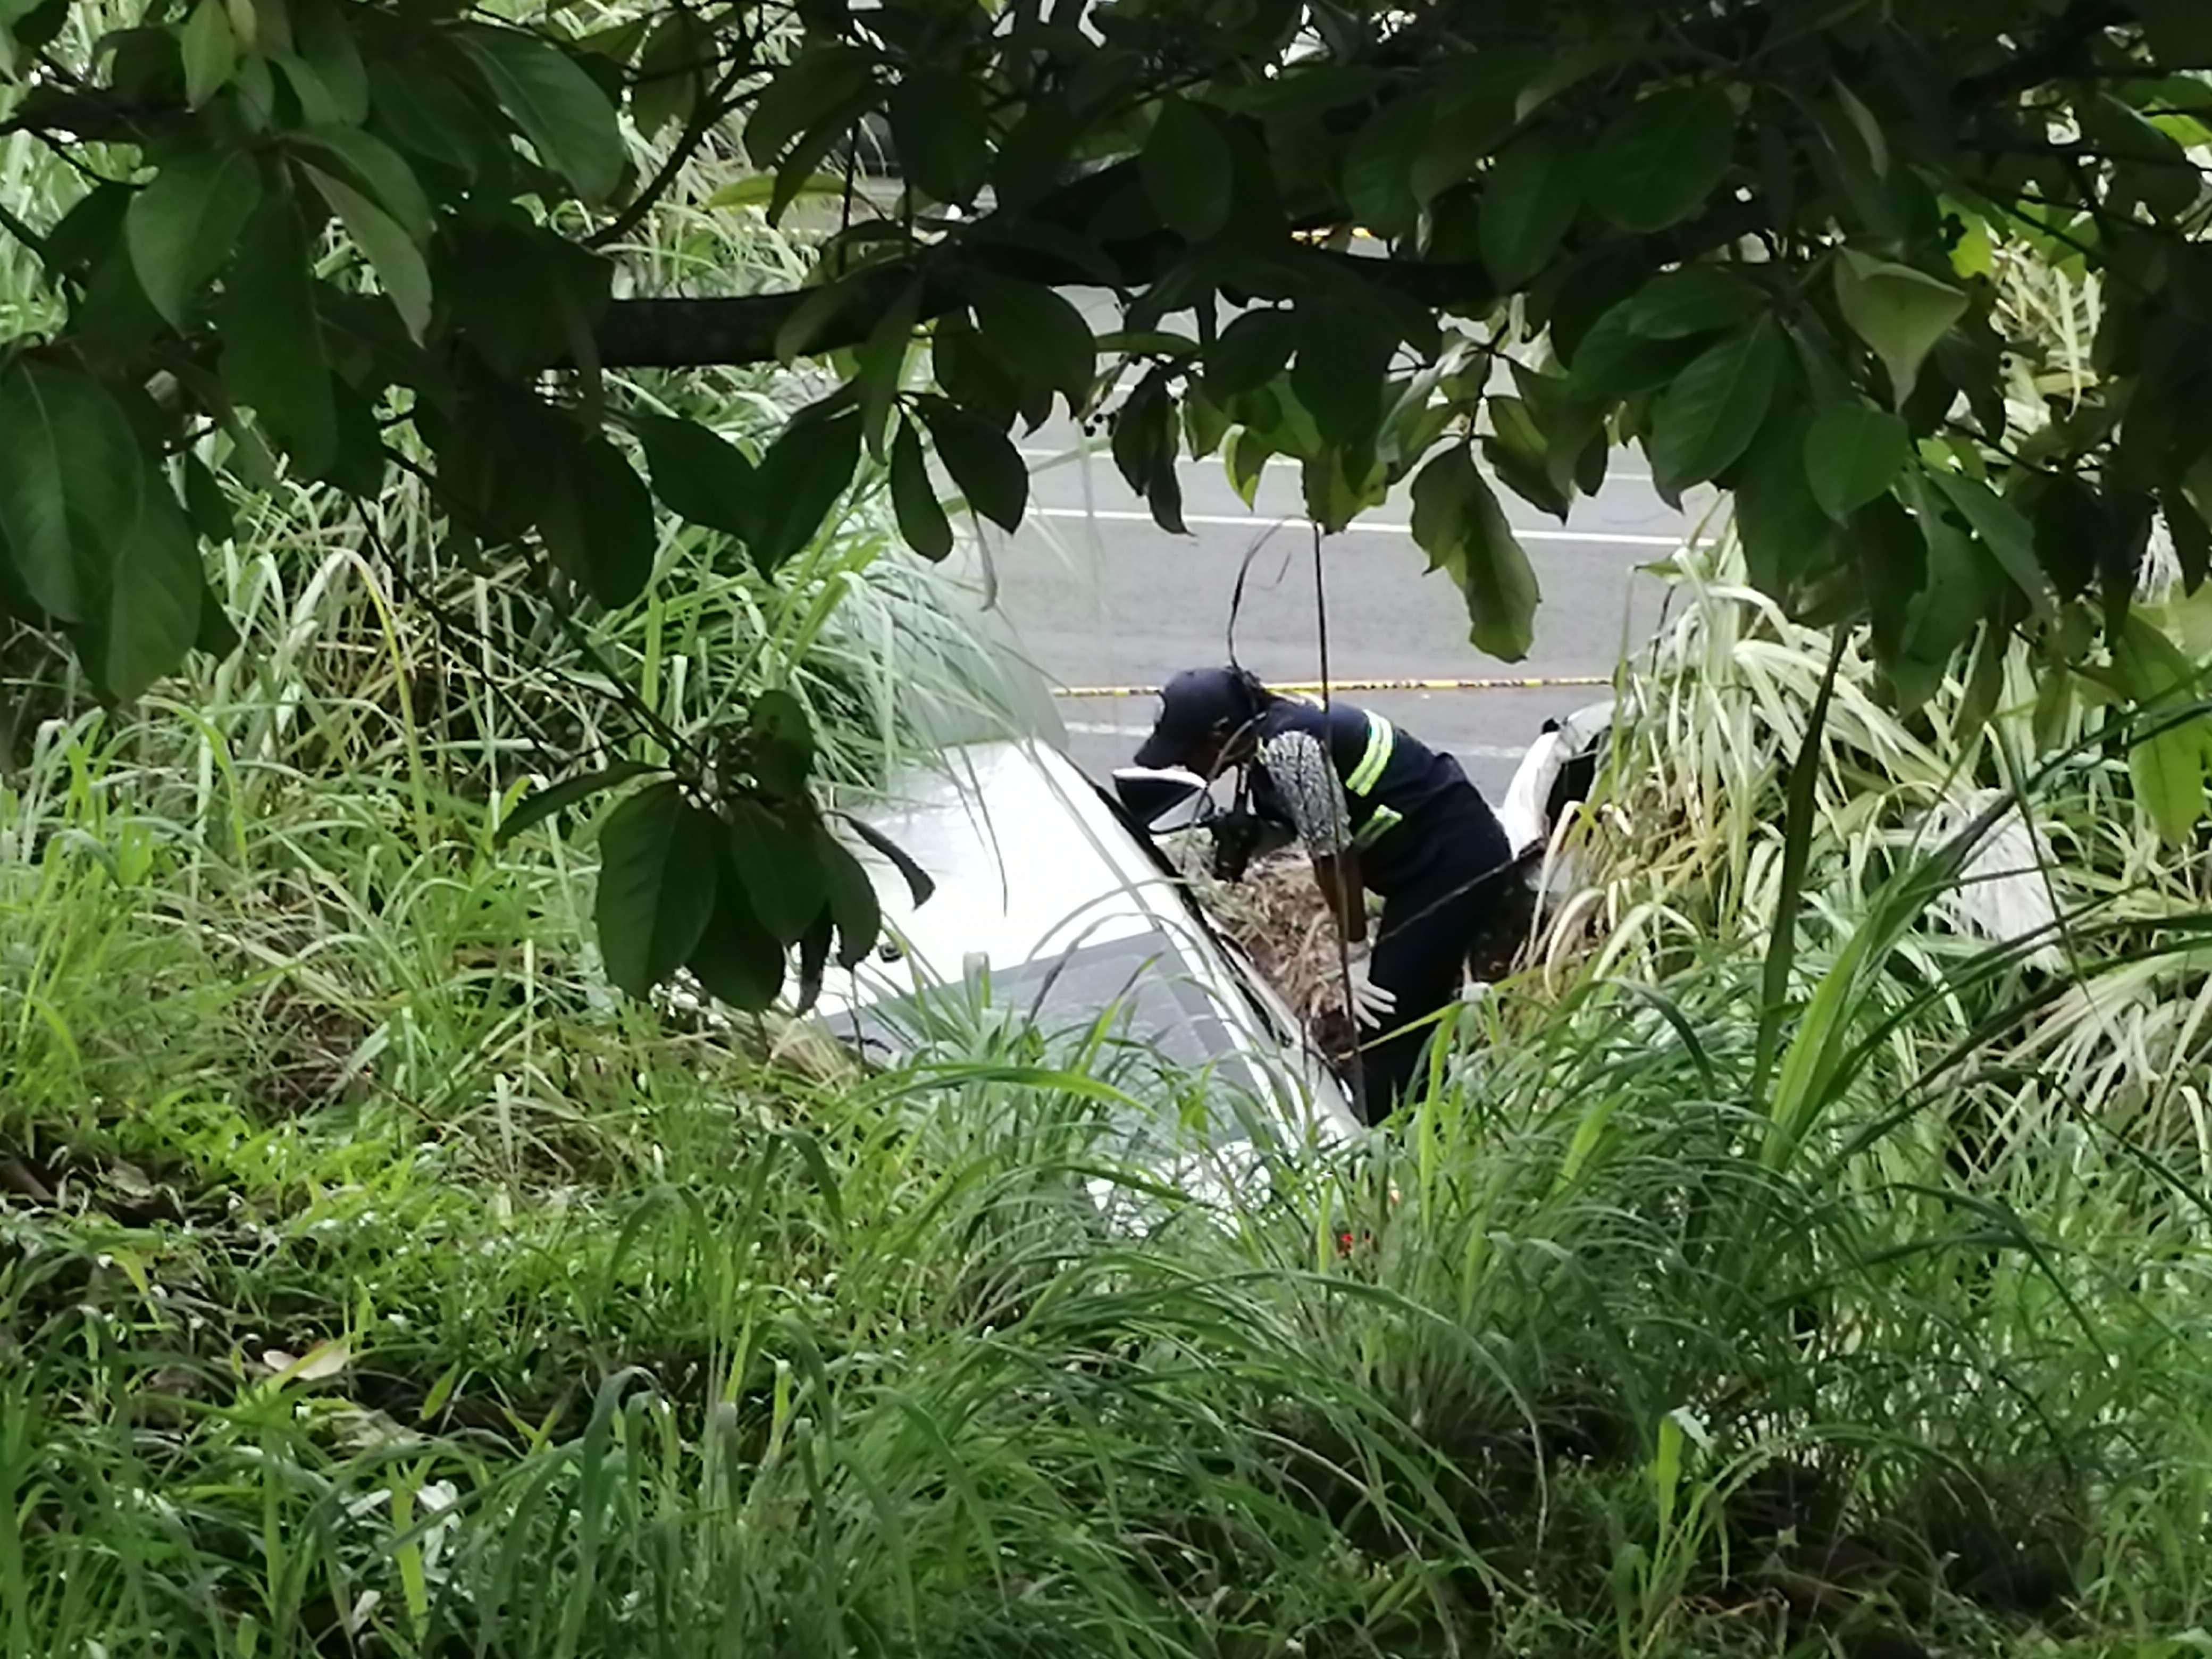 A consecuencia del choque el vehículo quedó metido en una cuneta en medio del herbazal.  Foto: Eric Montenegro